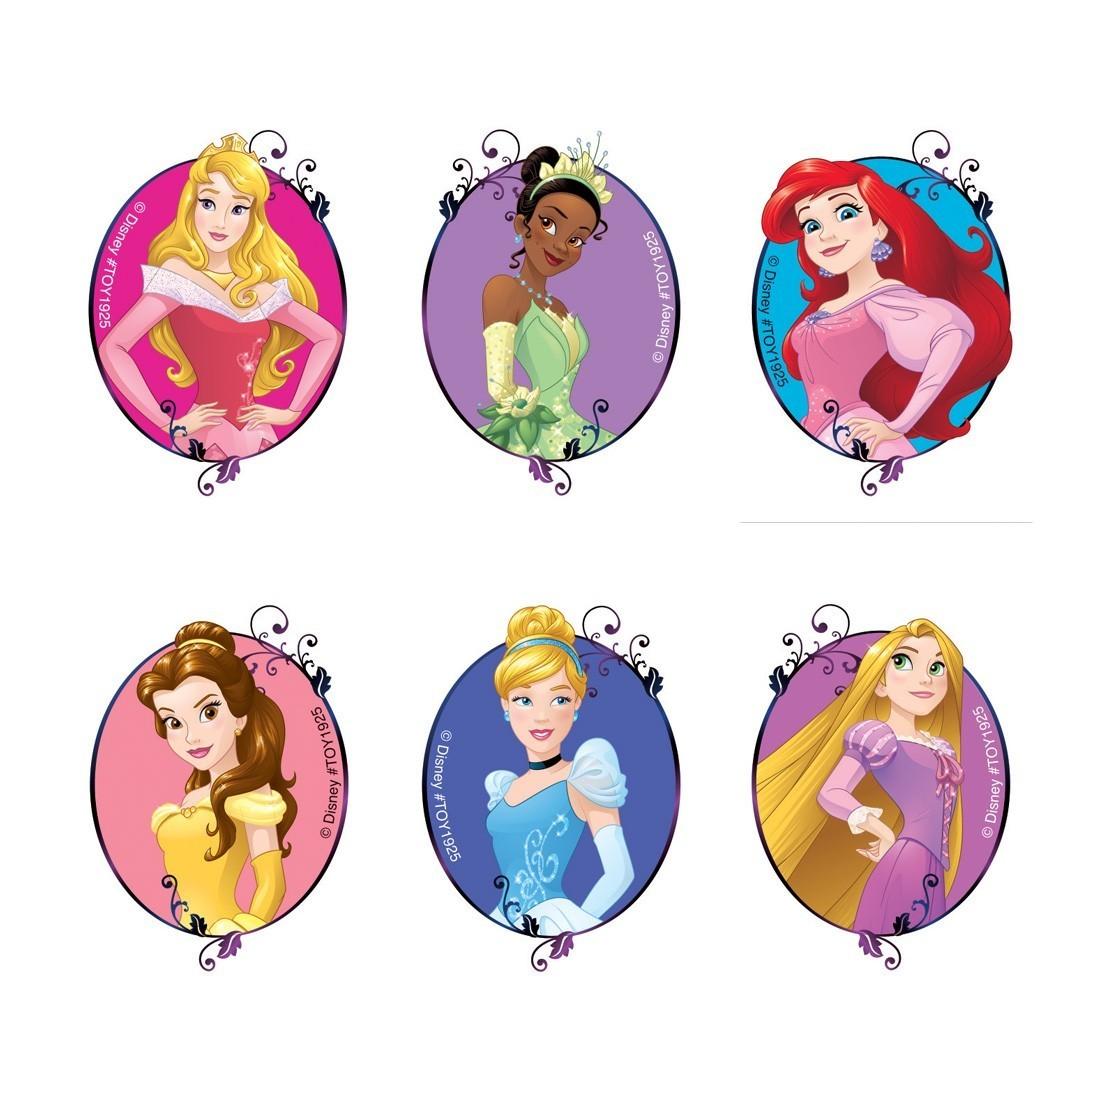 Disney Princess Temporary Tattoos [image]